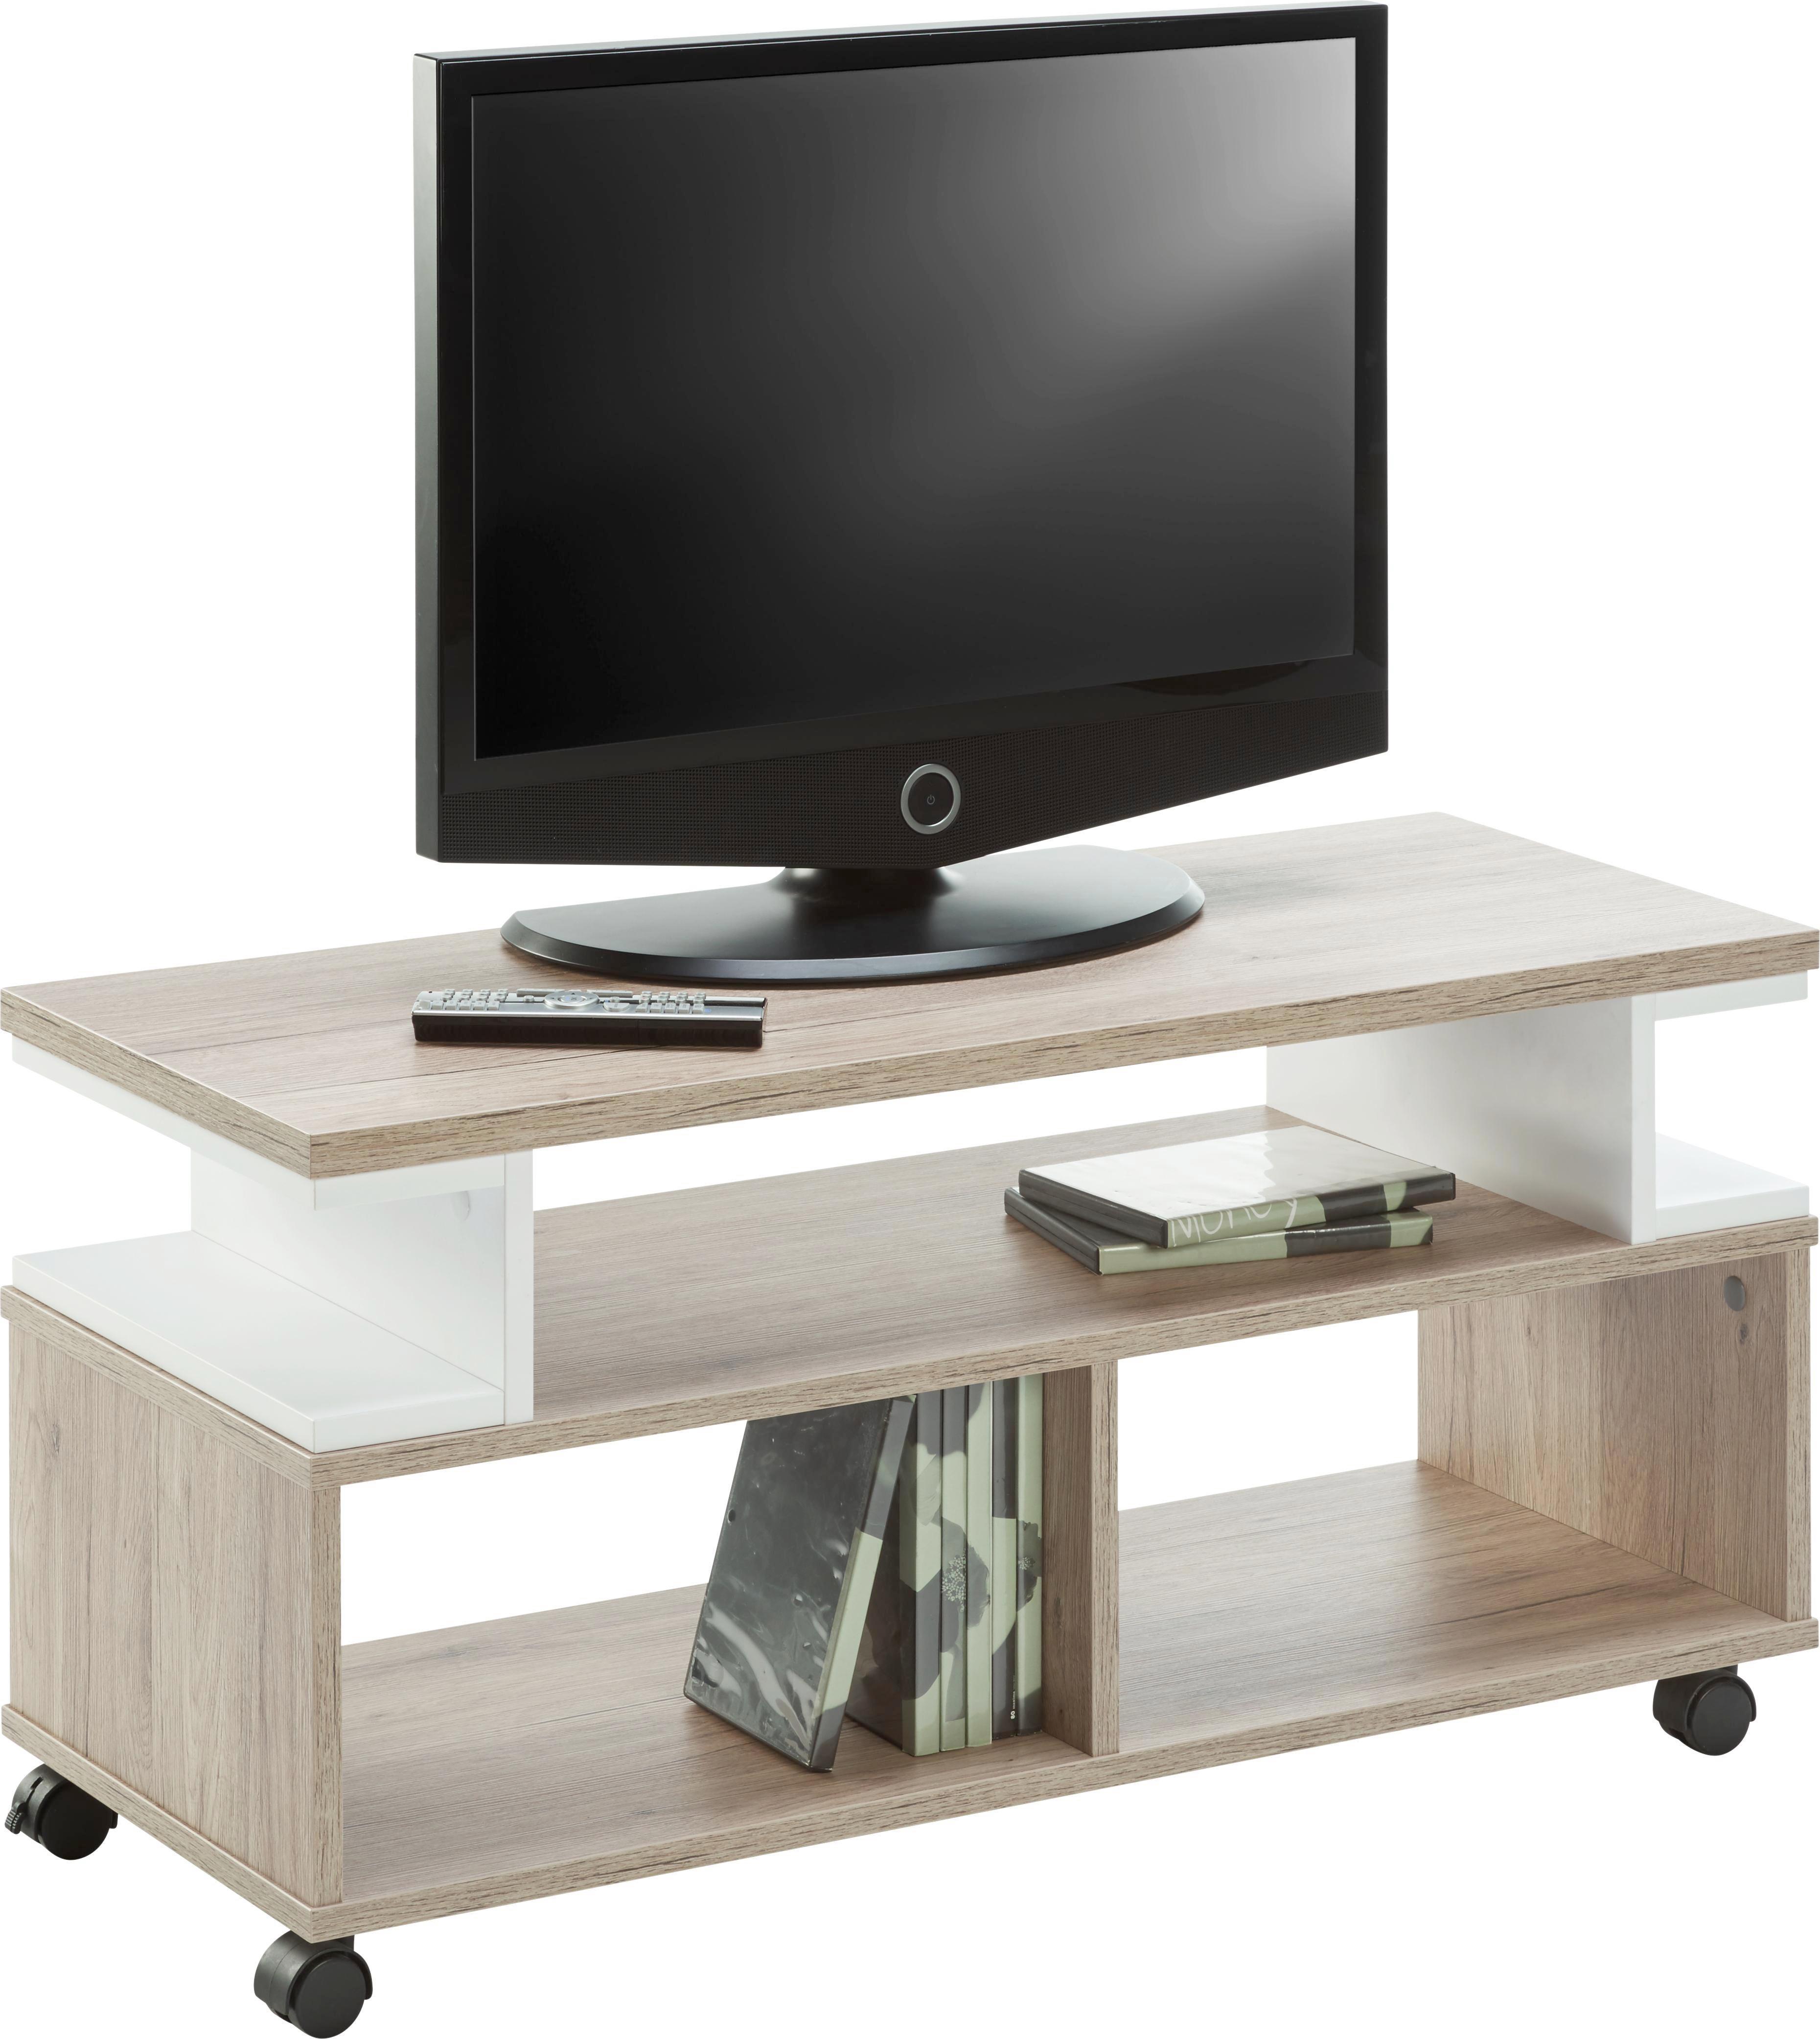 TV-Element Weiß/Braun - Braun/Weiß, MODERN, Holzwerkstoff (90/45,3/38cm) - MÖMAX modern living